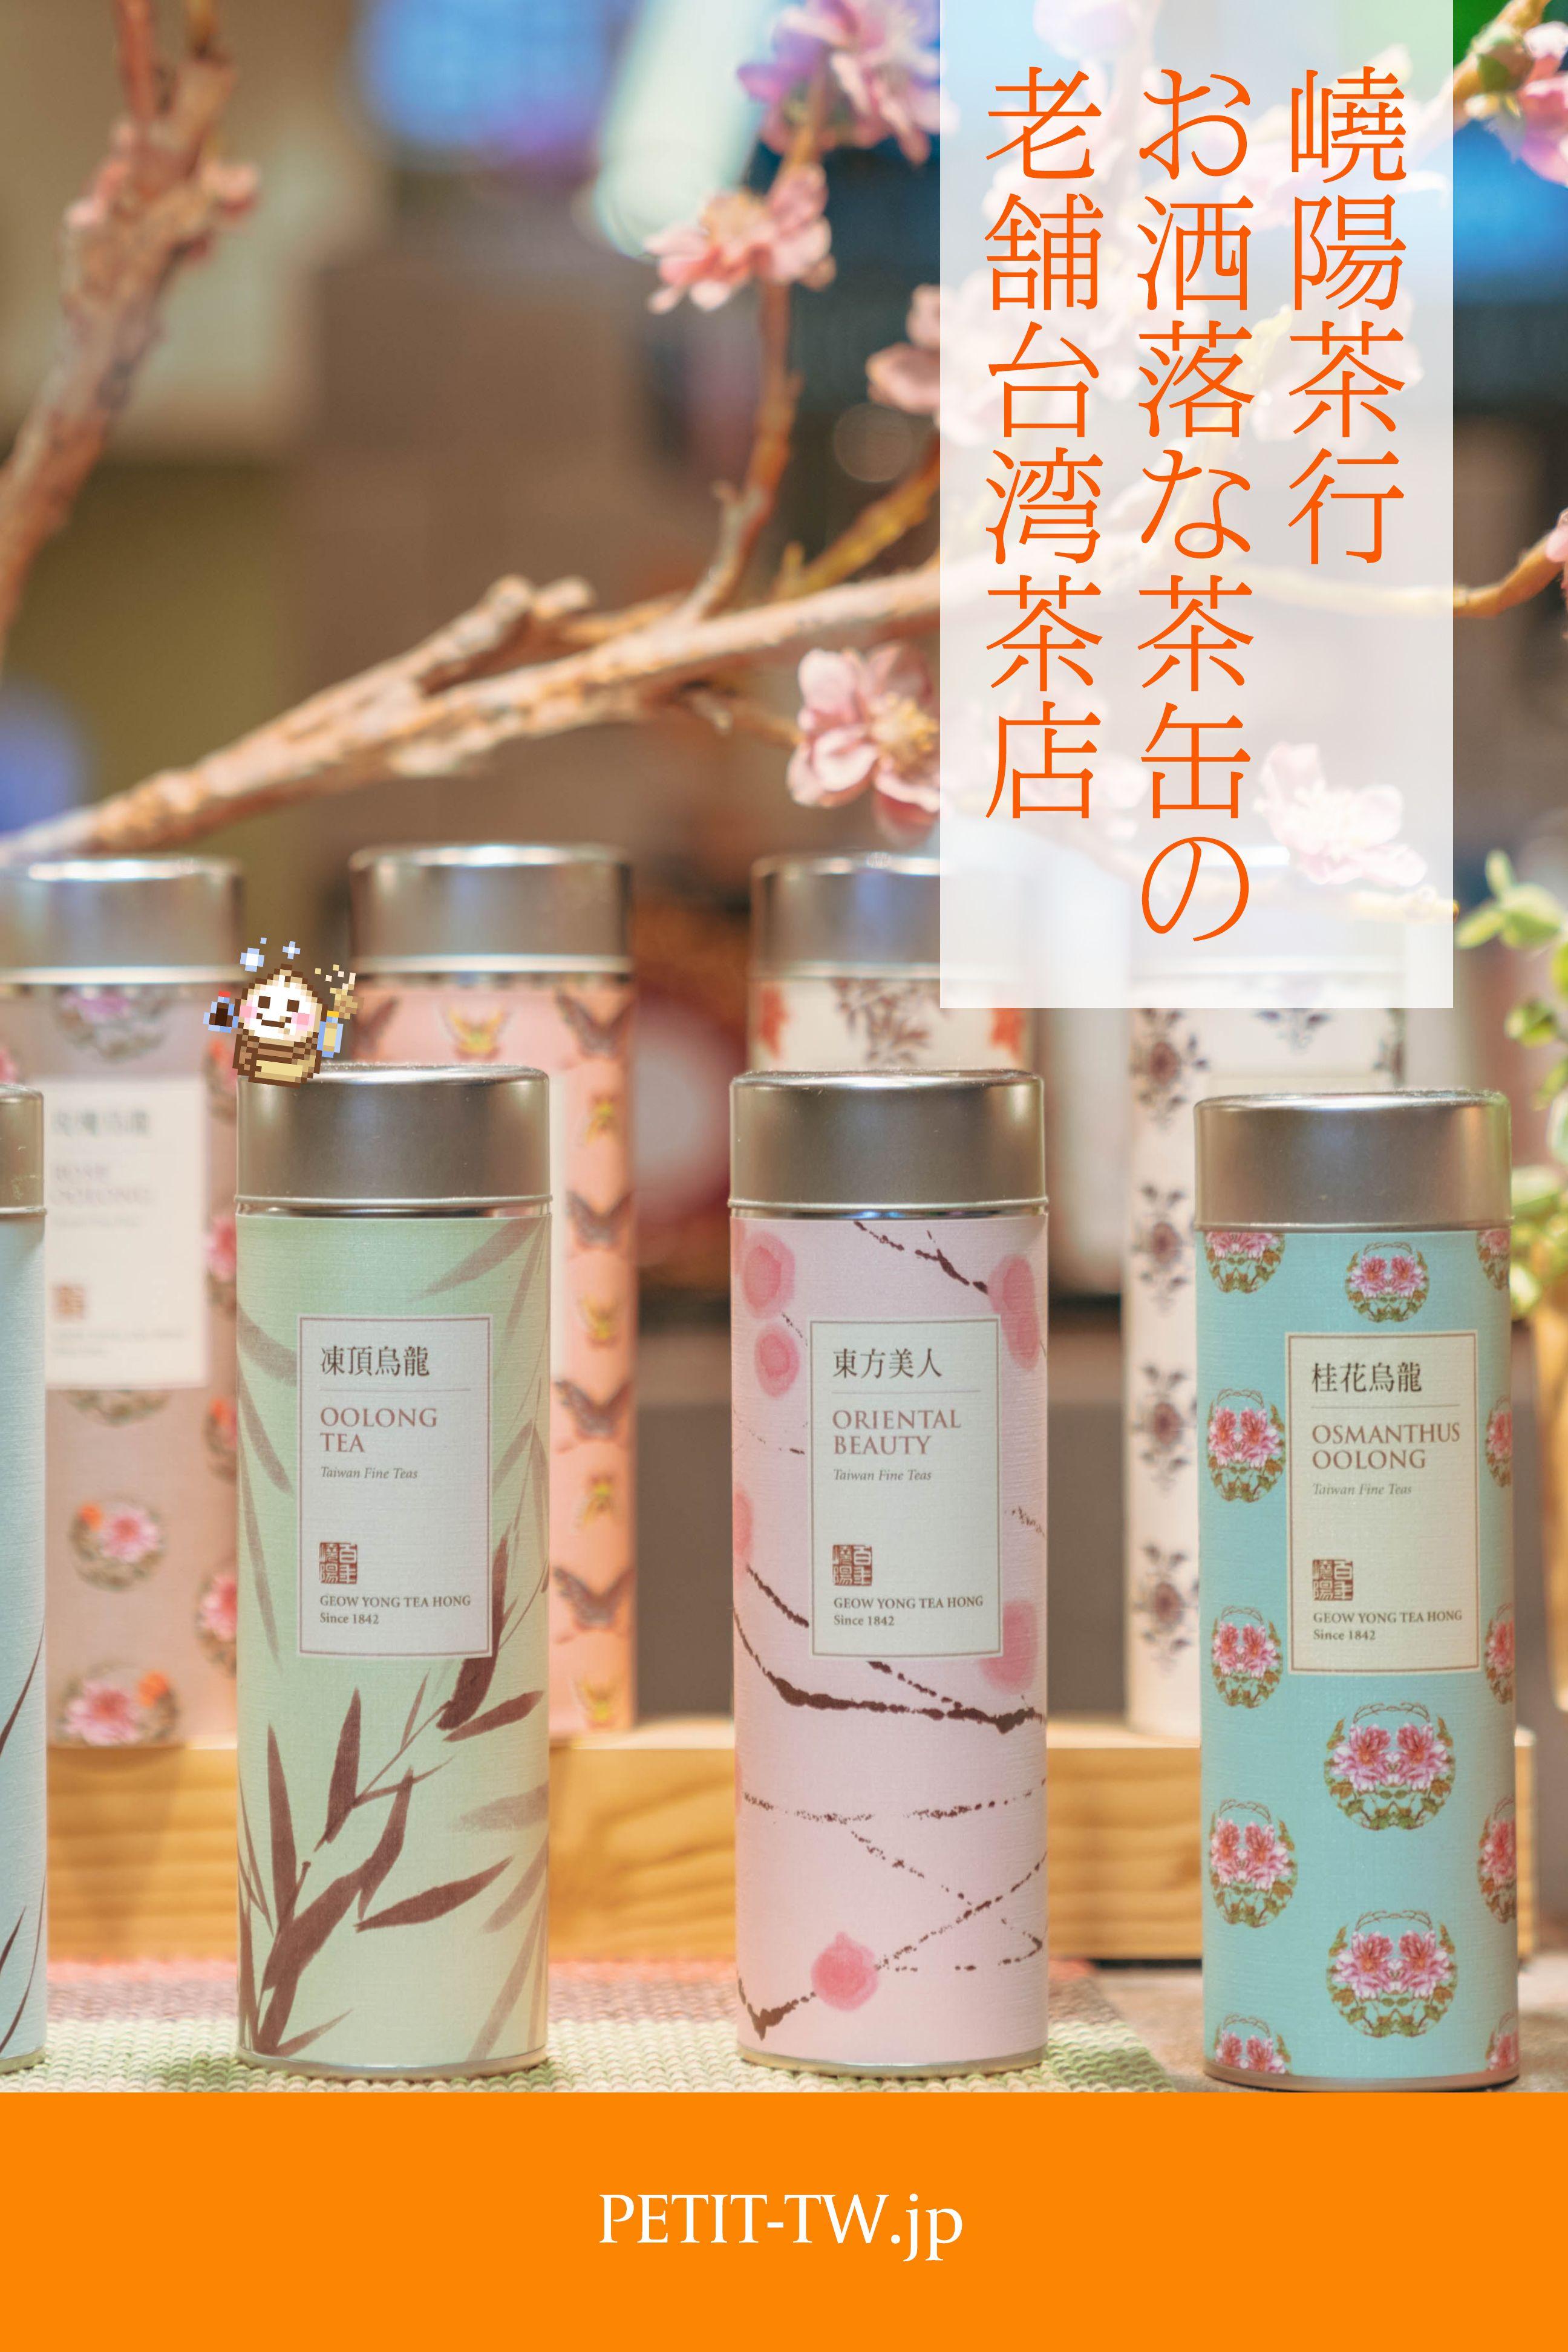 嶢陽茶行 オシャレな茶缶に一目惚れ 老舗の台湾茶専門店 台北 茶缶 茶 台湾 お土産